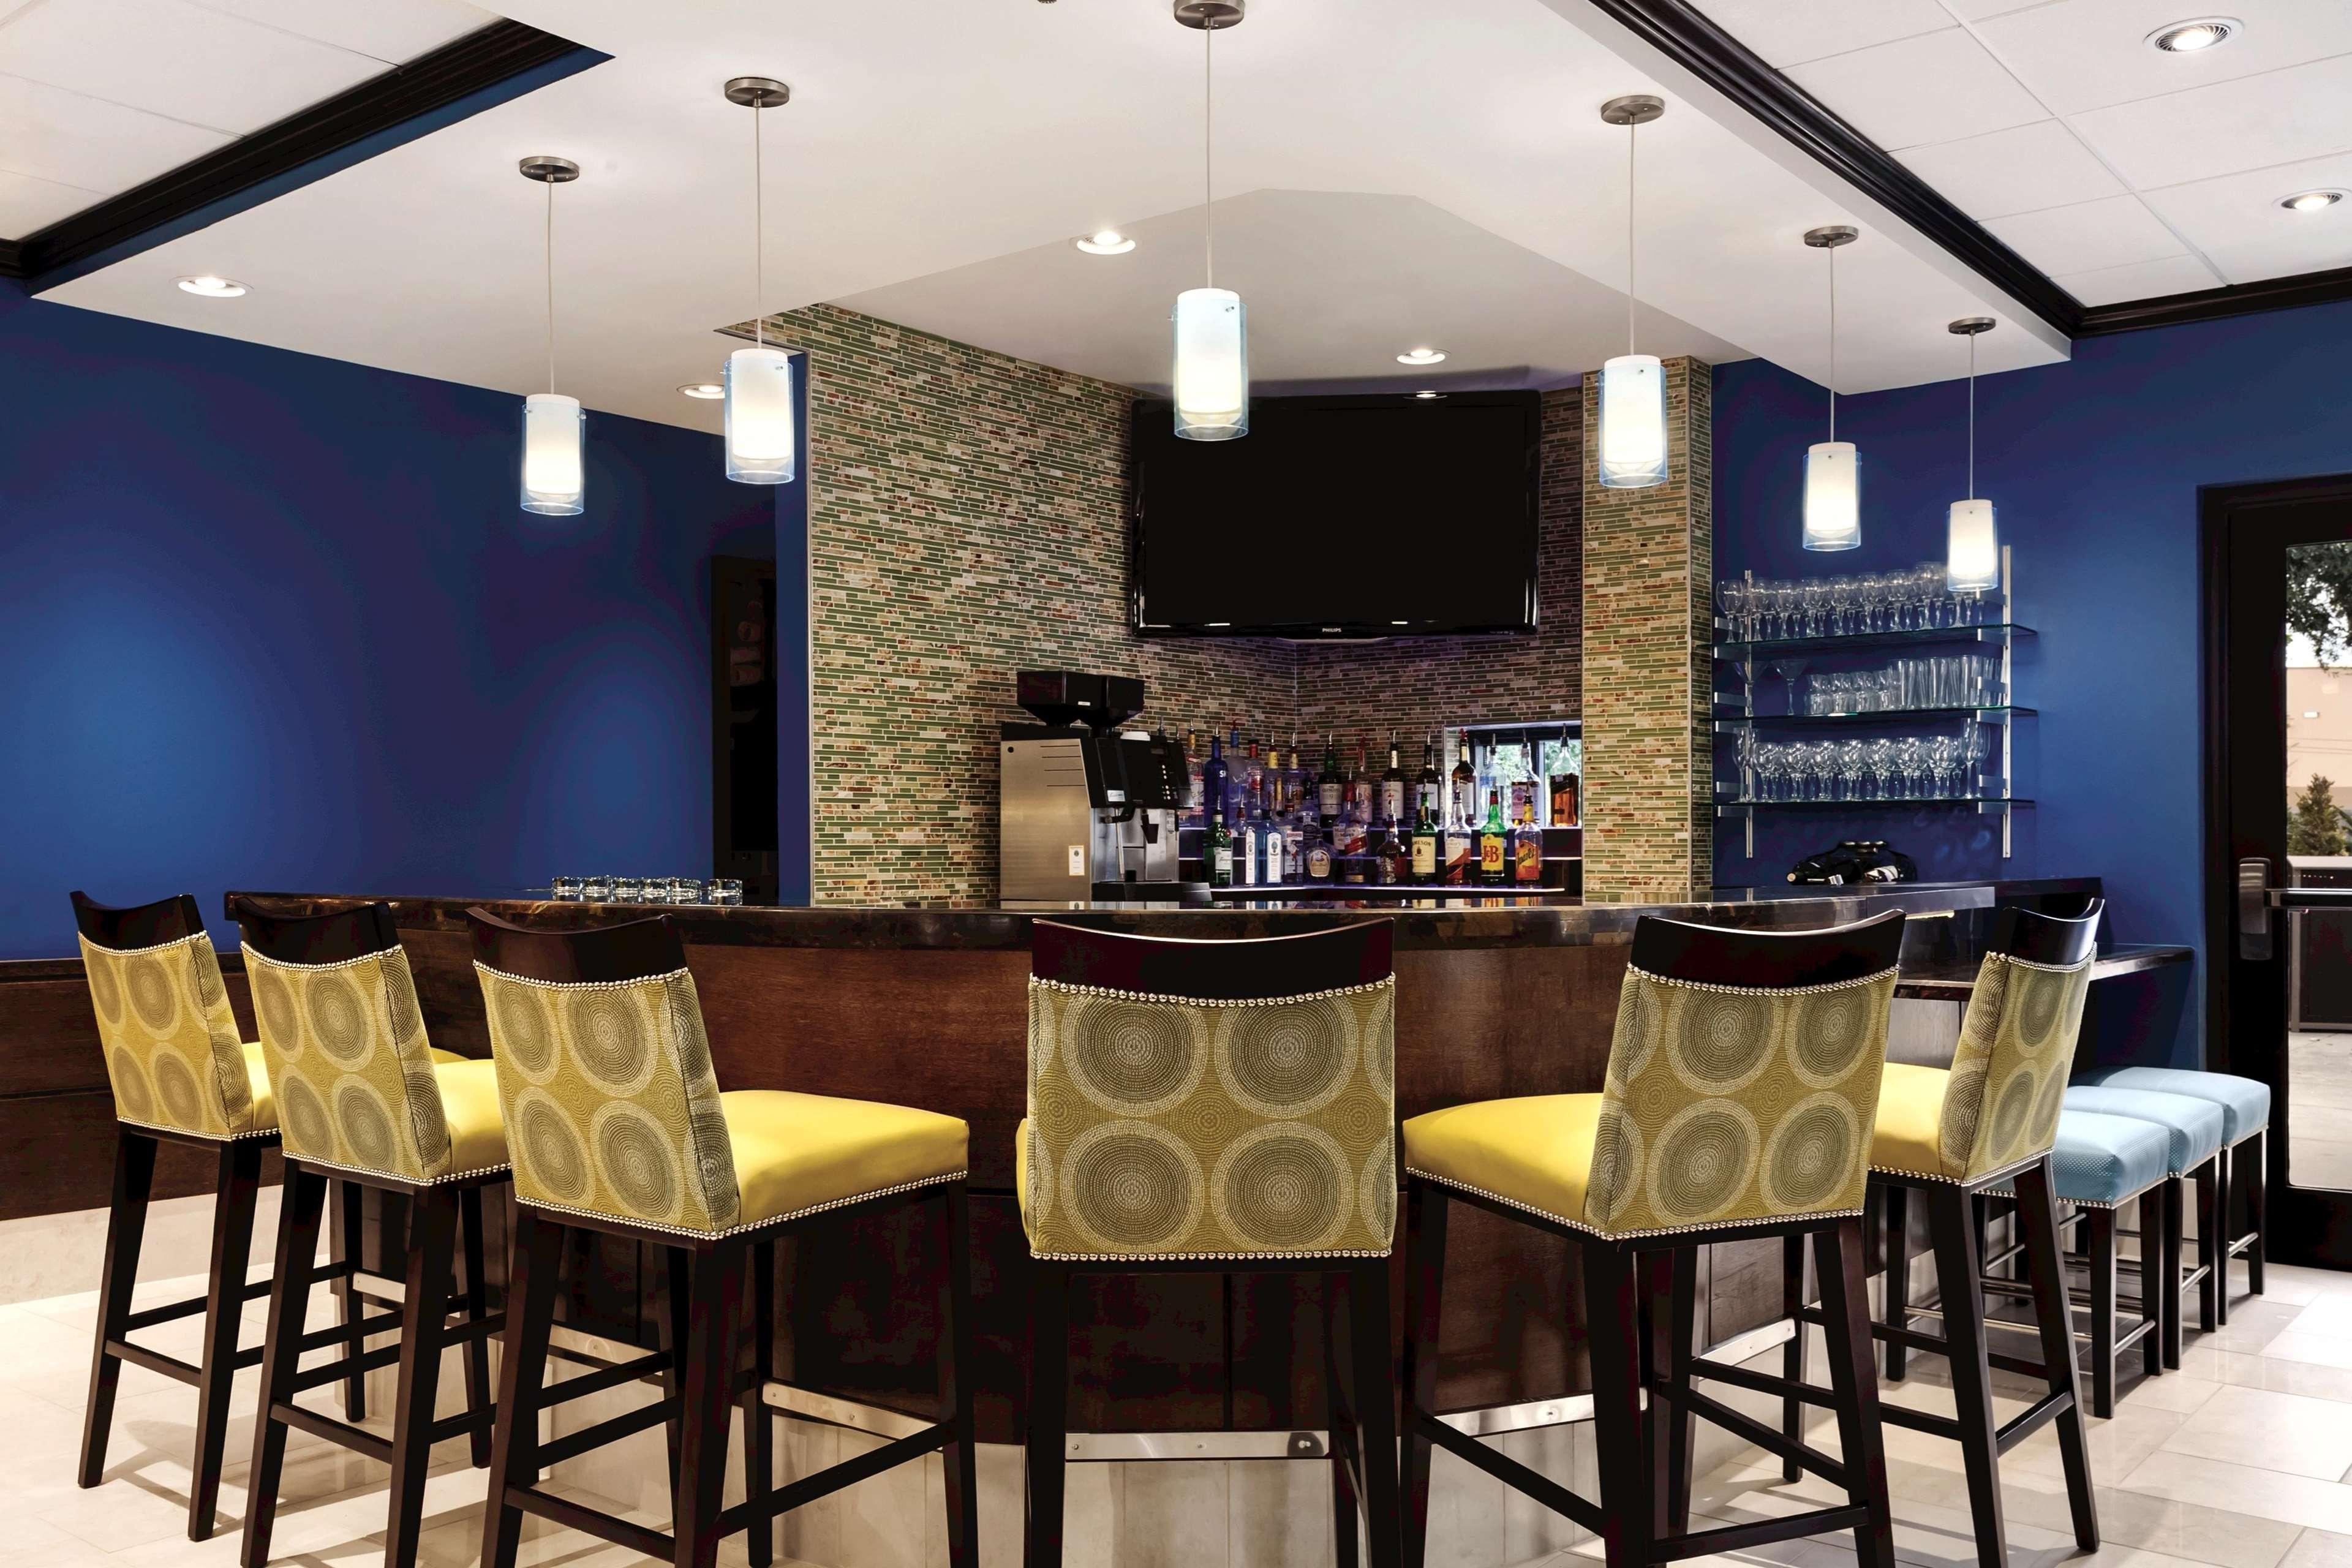 Hilton Garden Inn Houston NW/Willowbrook image 15